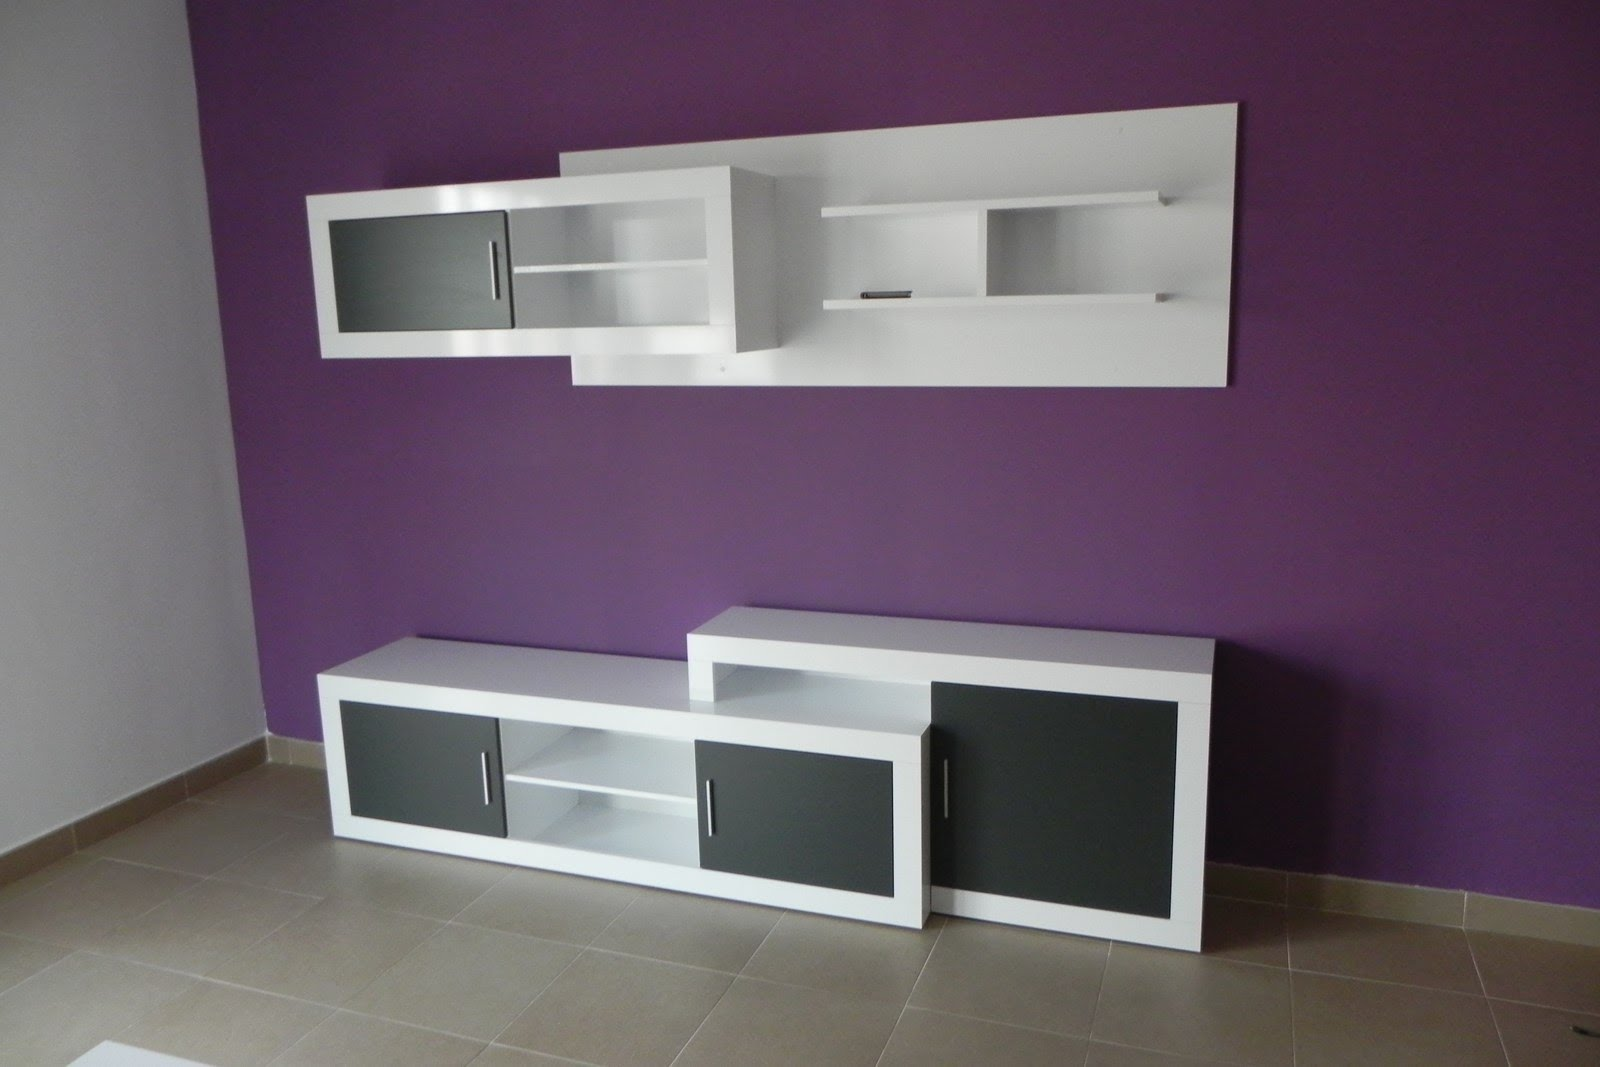 Como colgar muebles en paredes de pladur for Muebles pladur